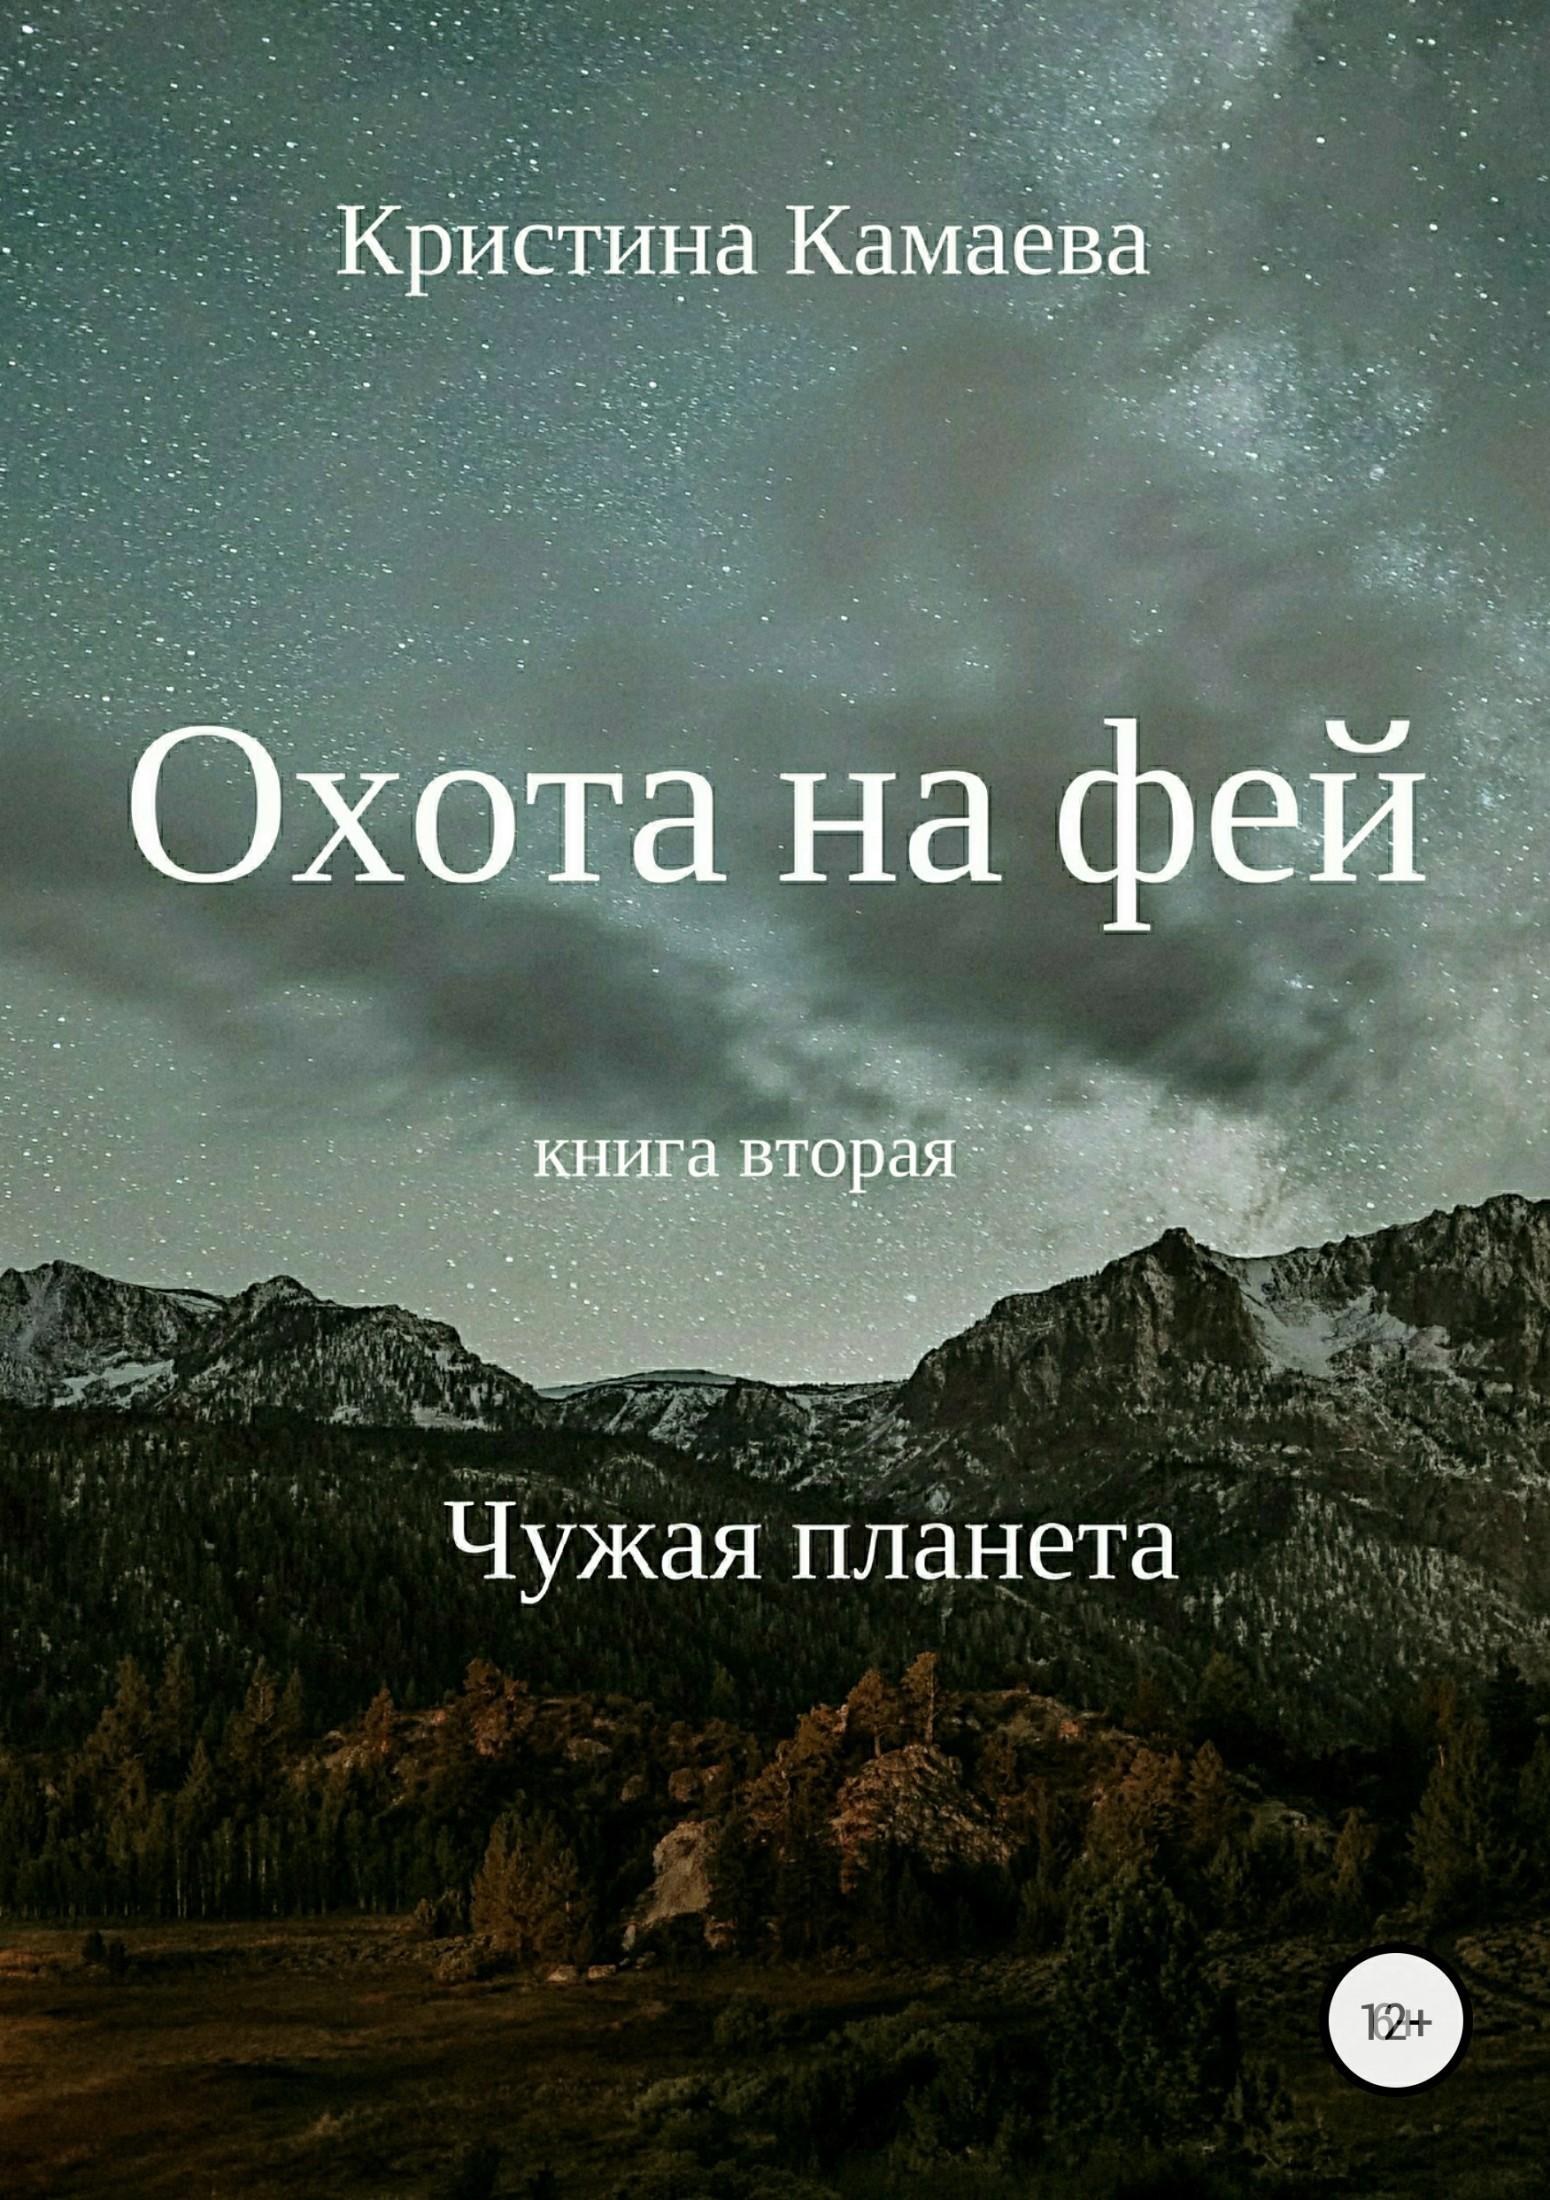 Кристина Камаева - Охота на фей. Книга вторая. Чужая планета